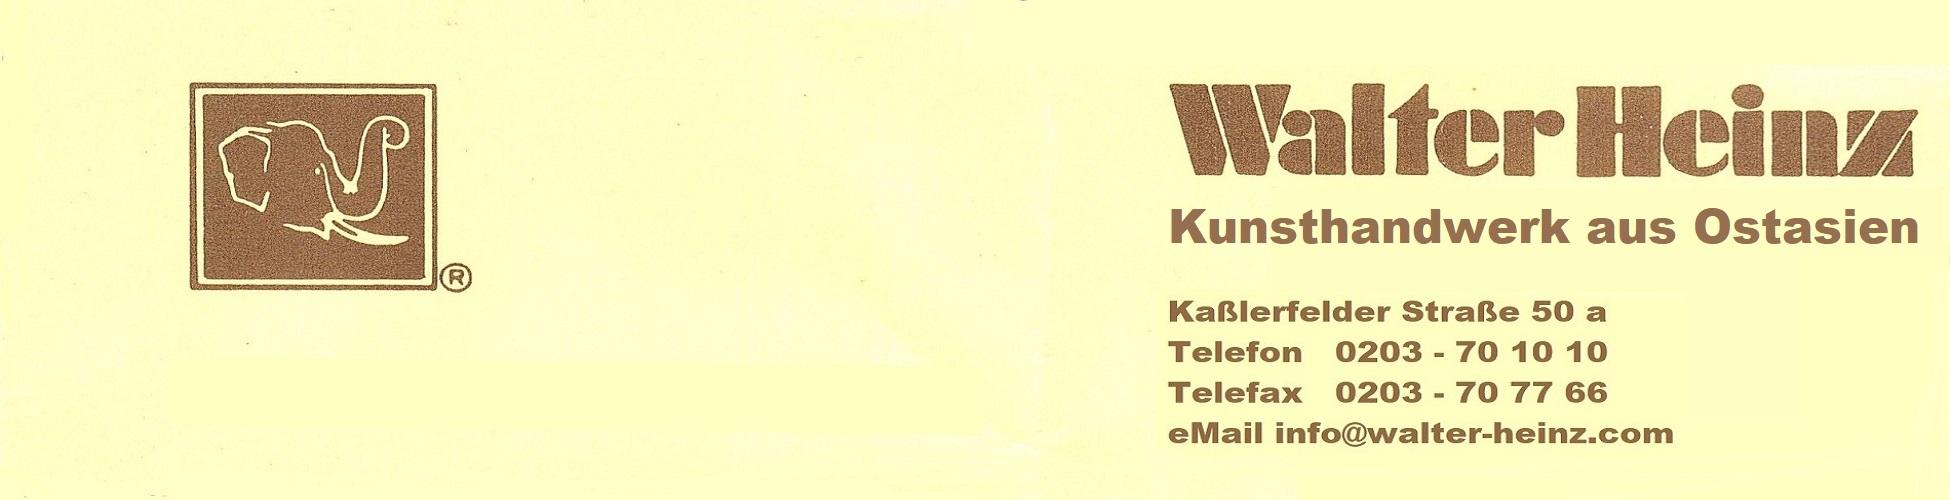 Walter Heinz Großhandel